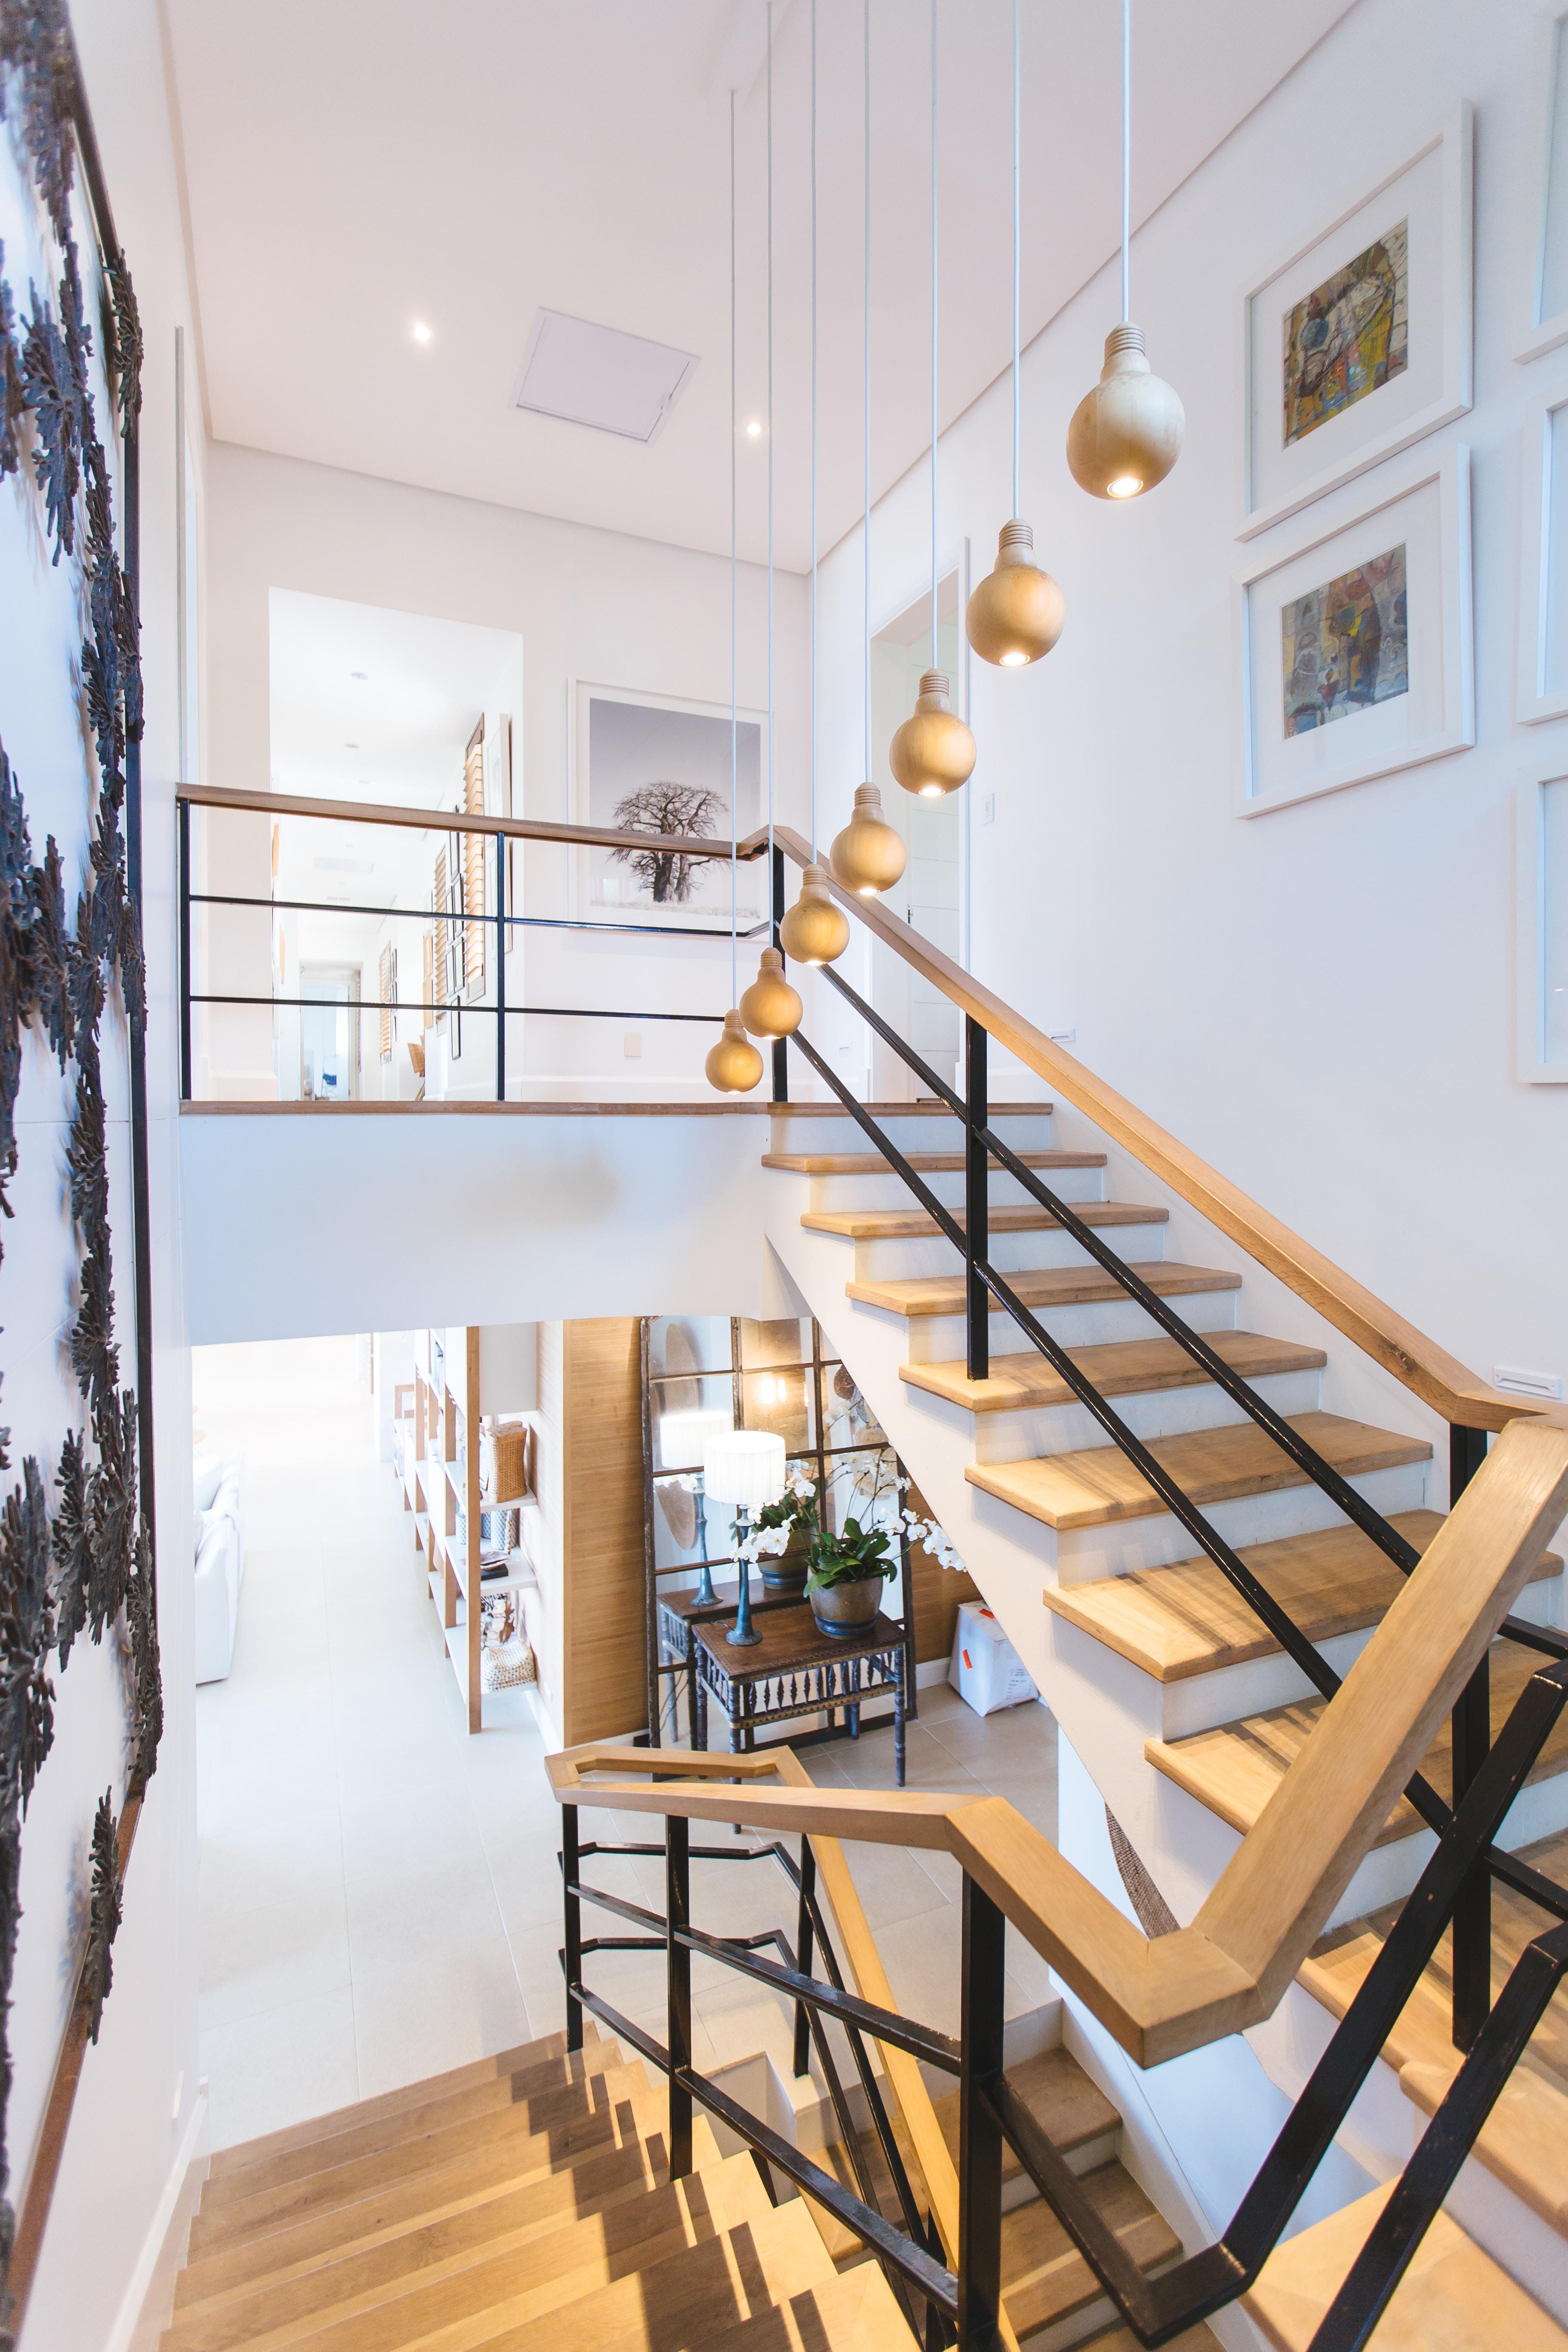 cầu thang là một nơi lý tưởng khi sử dụng giấy dán tường